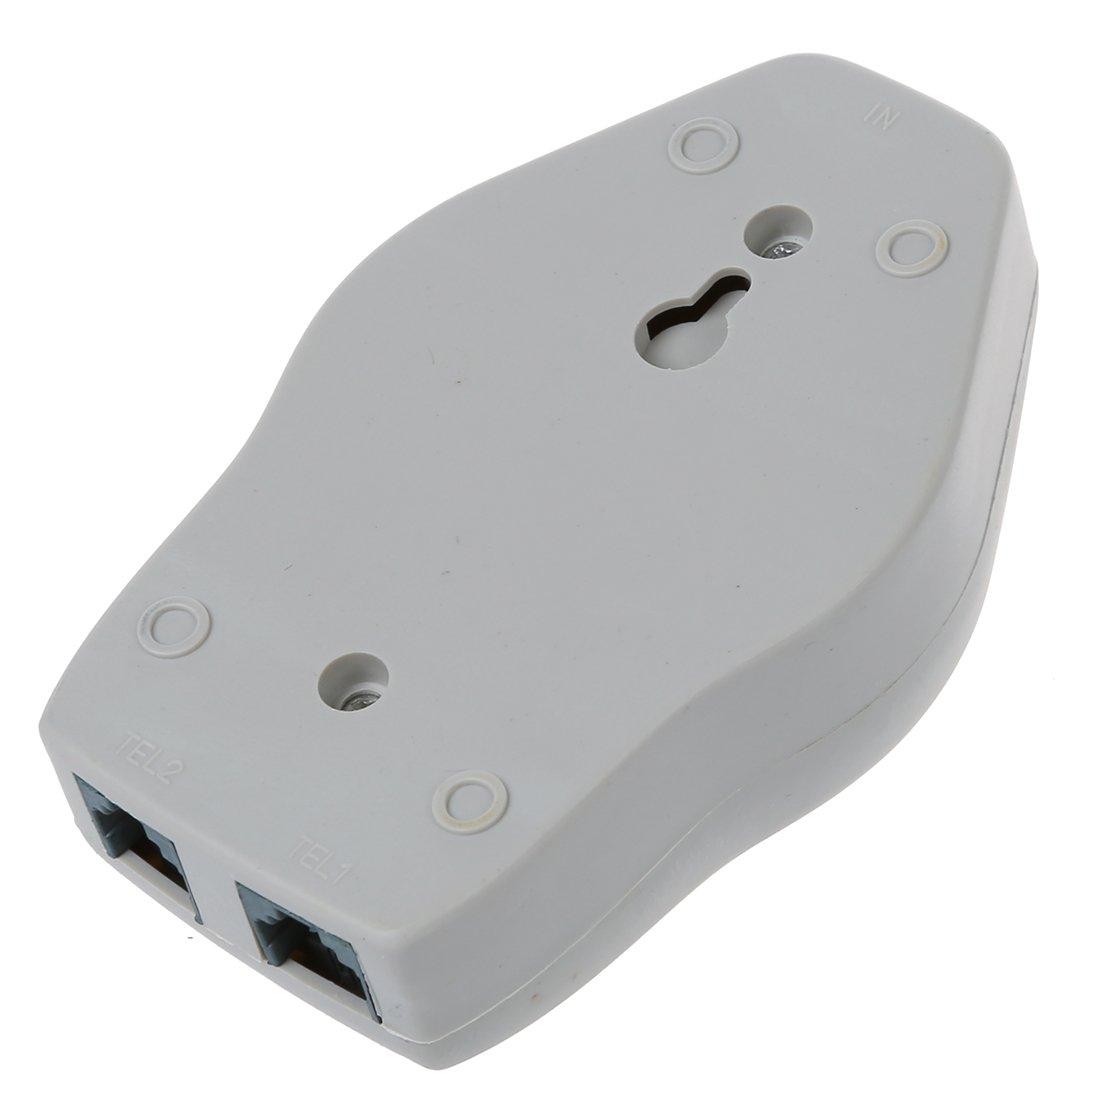 REFURBISHHOUSE Amplificador de Timbre de Telefono Amplificador de tintineo Gris